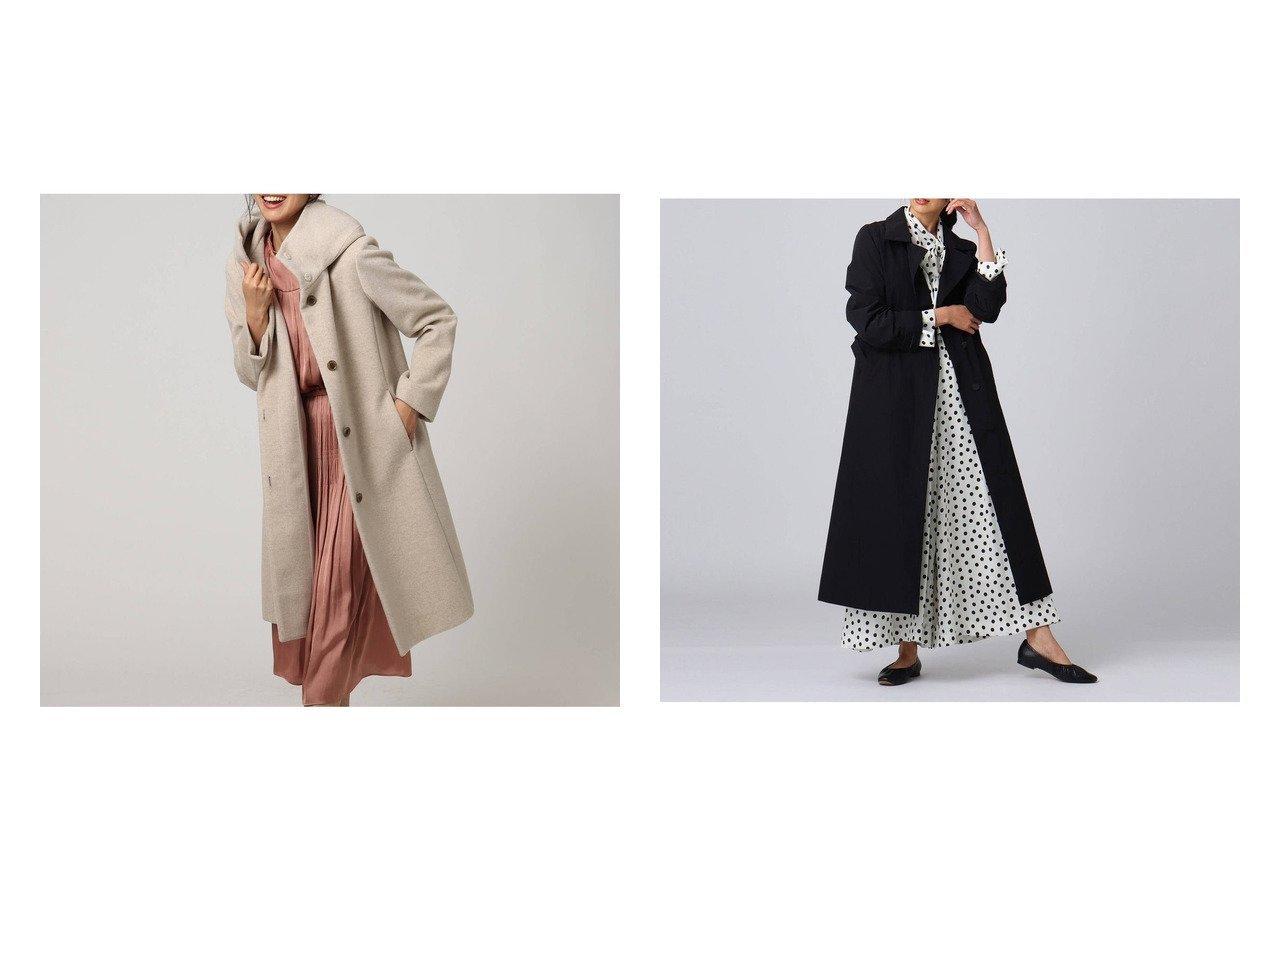 【UNTITLED/アンタイトル】のブルーミングタフタステンカラーコート&トスカーナリッシュビーバー フーデットコート UNTITLEDのおすすめ!人気、トレンド・レディースファッションの通販 おすすめで人気の流行・トレンド、ファッションの通販商品 メンズファッション・キッズファッション・インテリア・家具・レディースファッション・服の通販 founy(ファニー) https://founy.com/ ファッション Fashion レディースファッション WOMEN アウター Coat Outerwear コート Coats 2020年 2020 2020-2021 秋冬 A/W AW Autumn/Winter / FW Fall-Winter 2020-2021 A/W 秋冬 AW Autumn/Winter / FW Fall-Winter ストレート ハイネック ポケット 春 Spring シンプル タフタ チェスター フロント モダン ヨーク 2021年 2021 S/S 春夏 SS Spring/Summer 2021 春夏 S/S SS Spring/Summer 2021 |ID:crp329100000019962